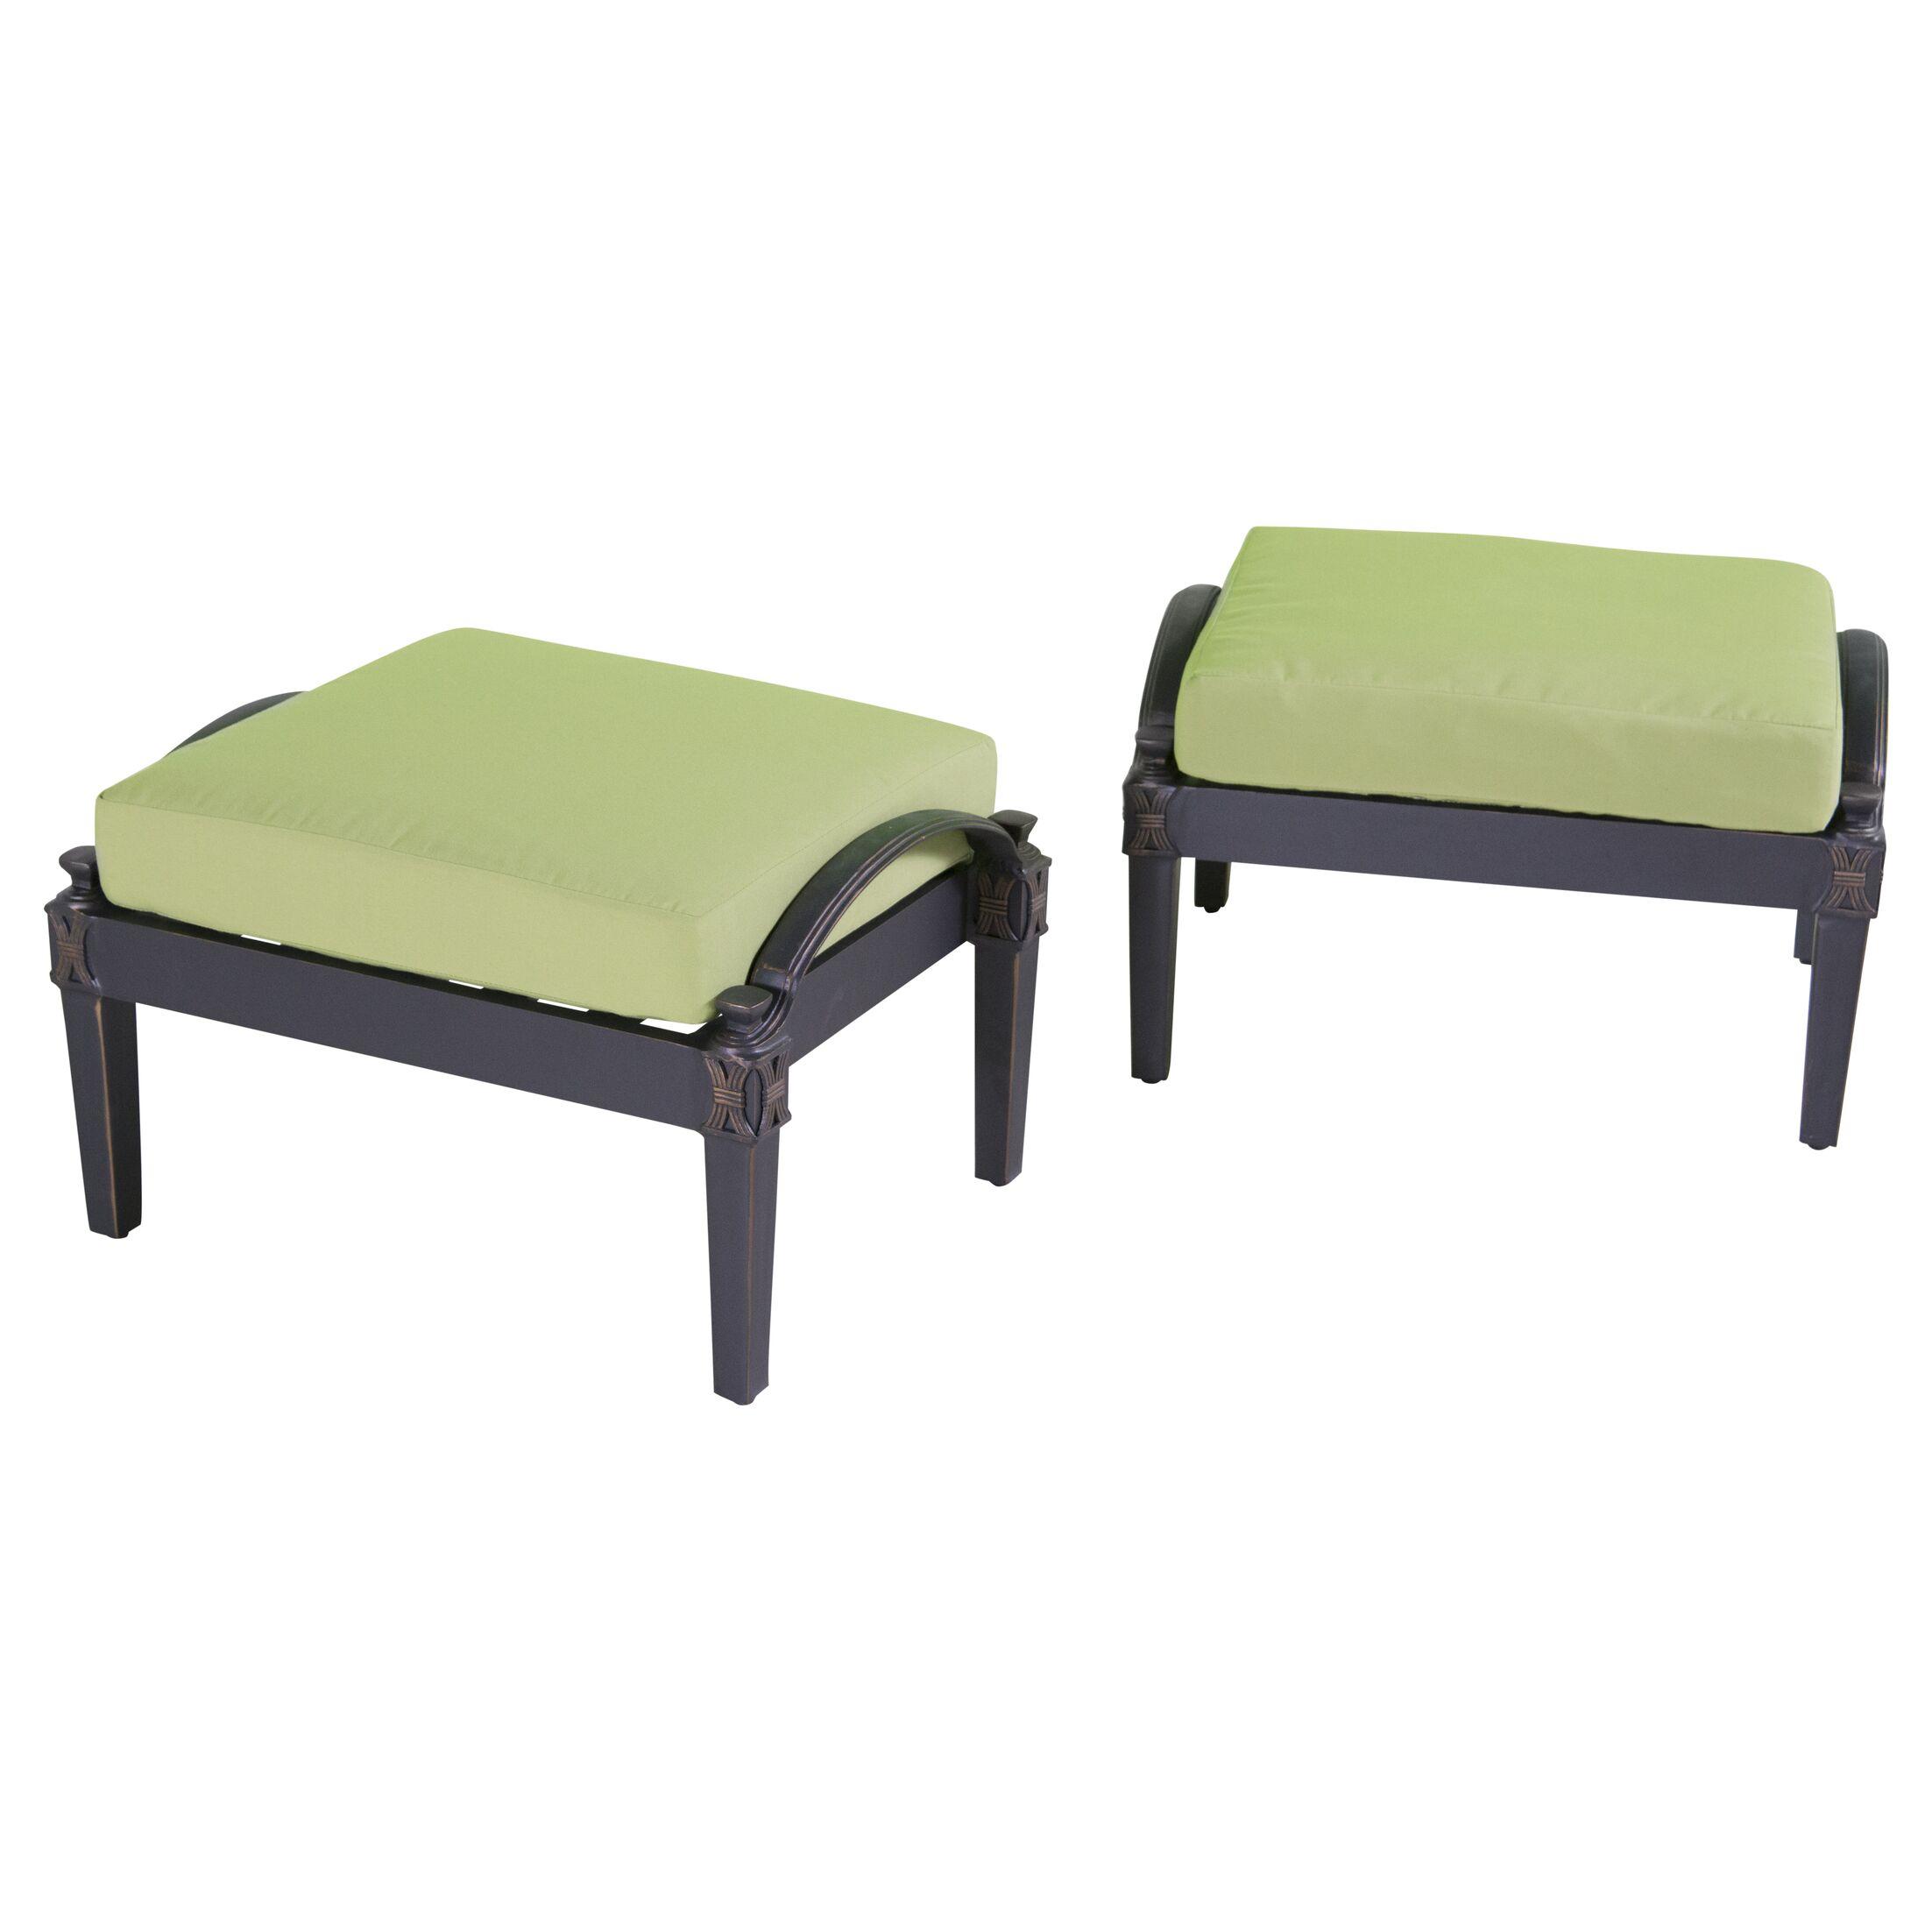 Portsmouth Club Ottoman with Cushion Fabric: Ginkgo Green